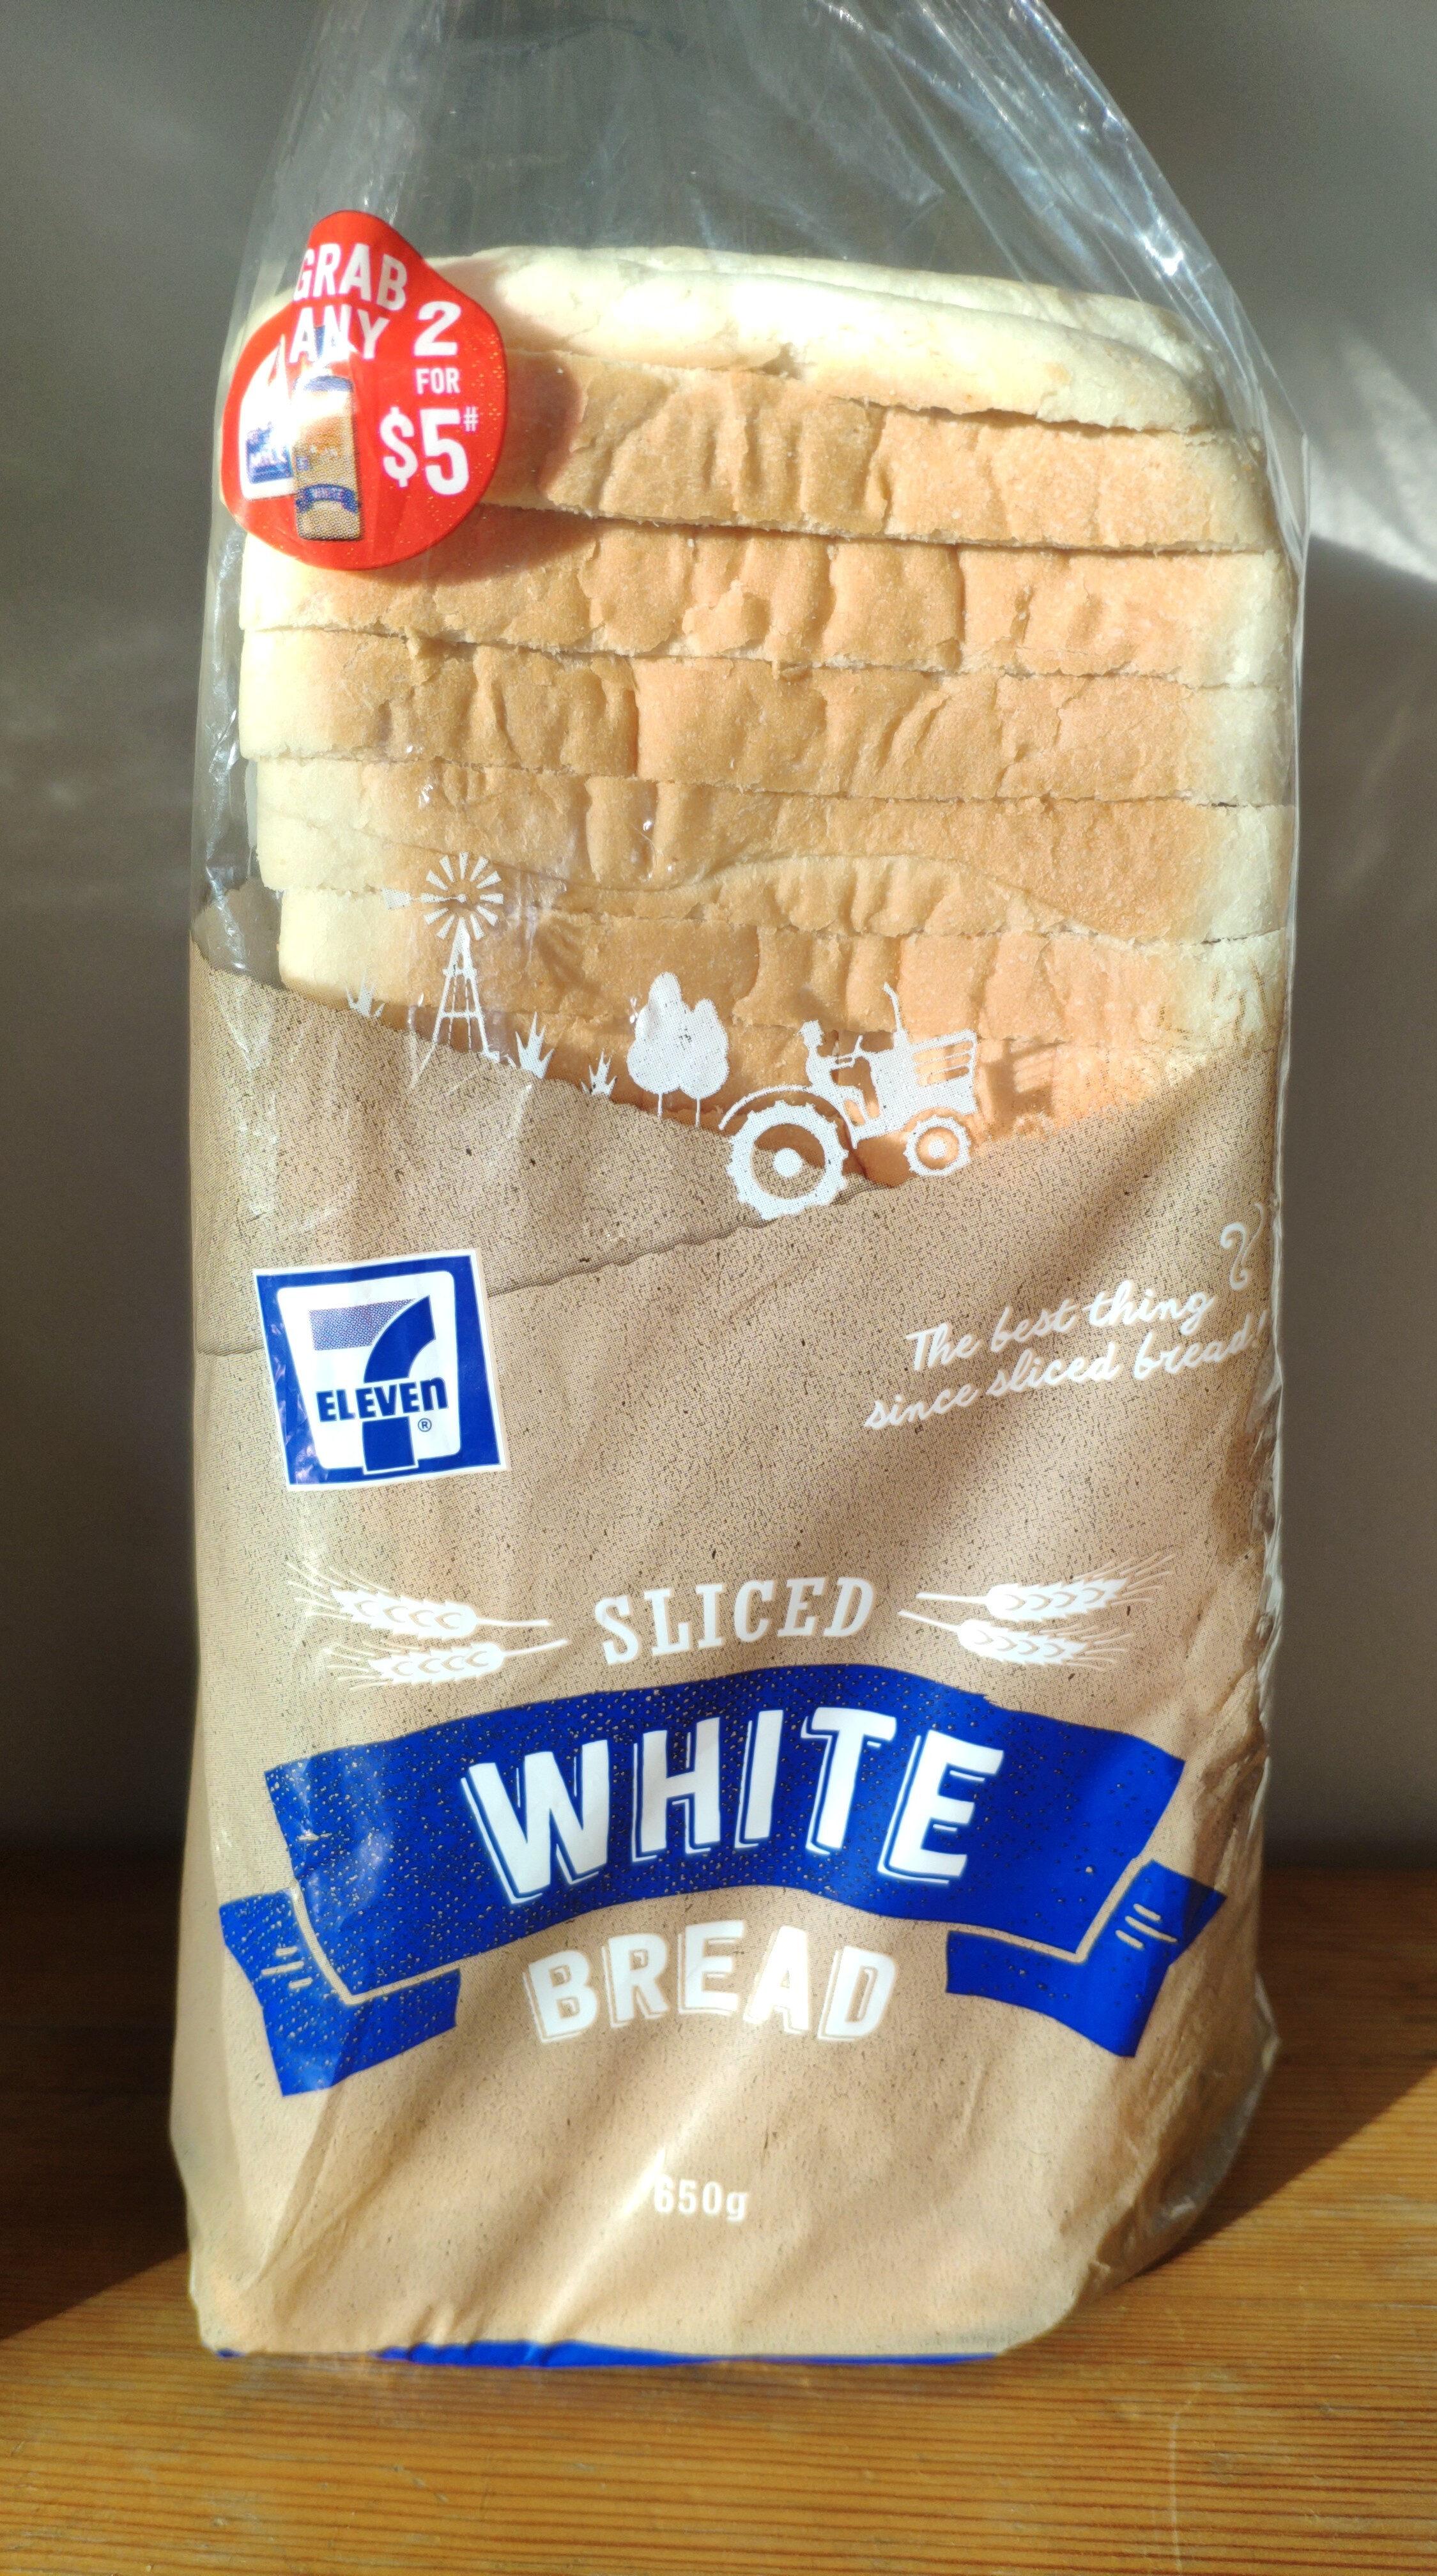 Sliced White Bread - Product - en